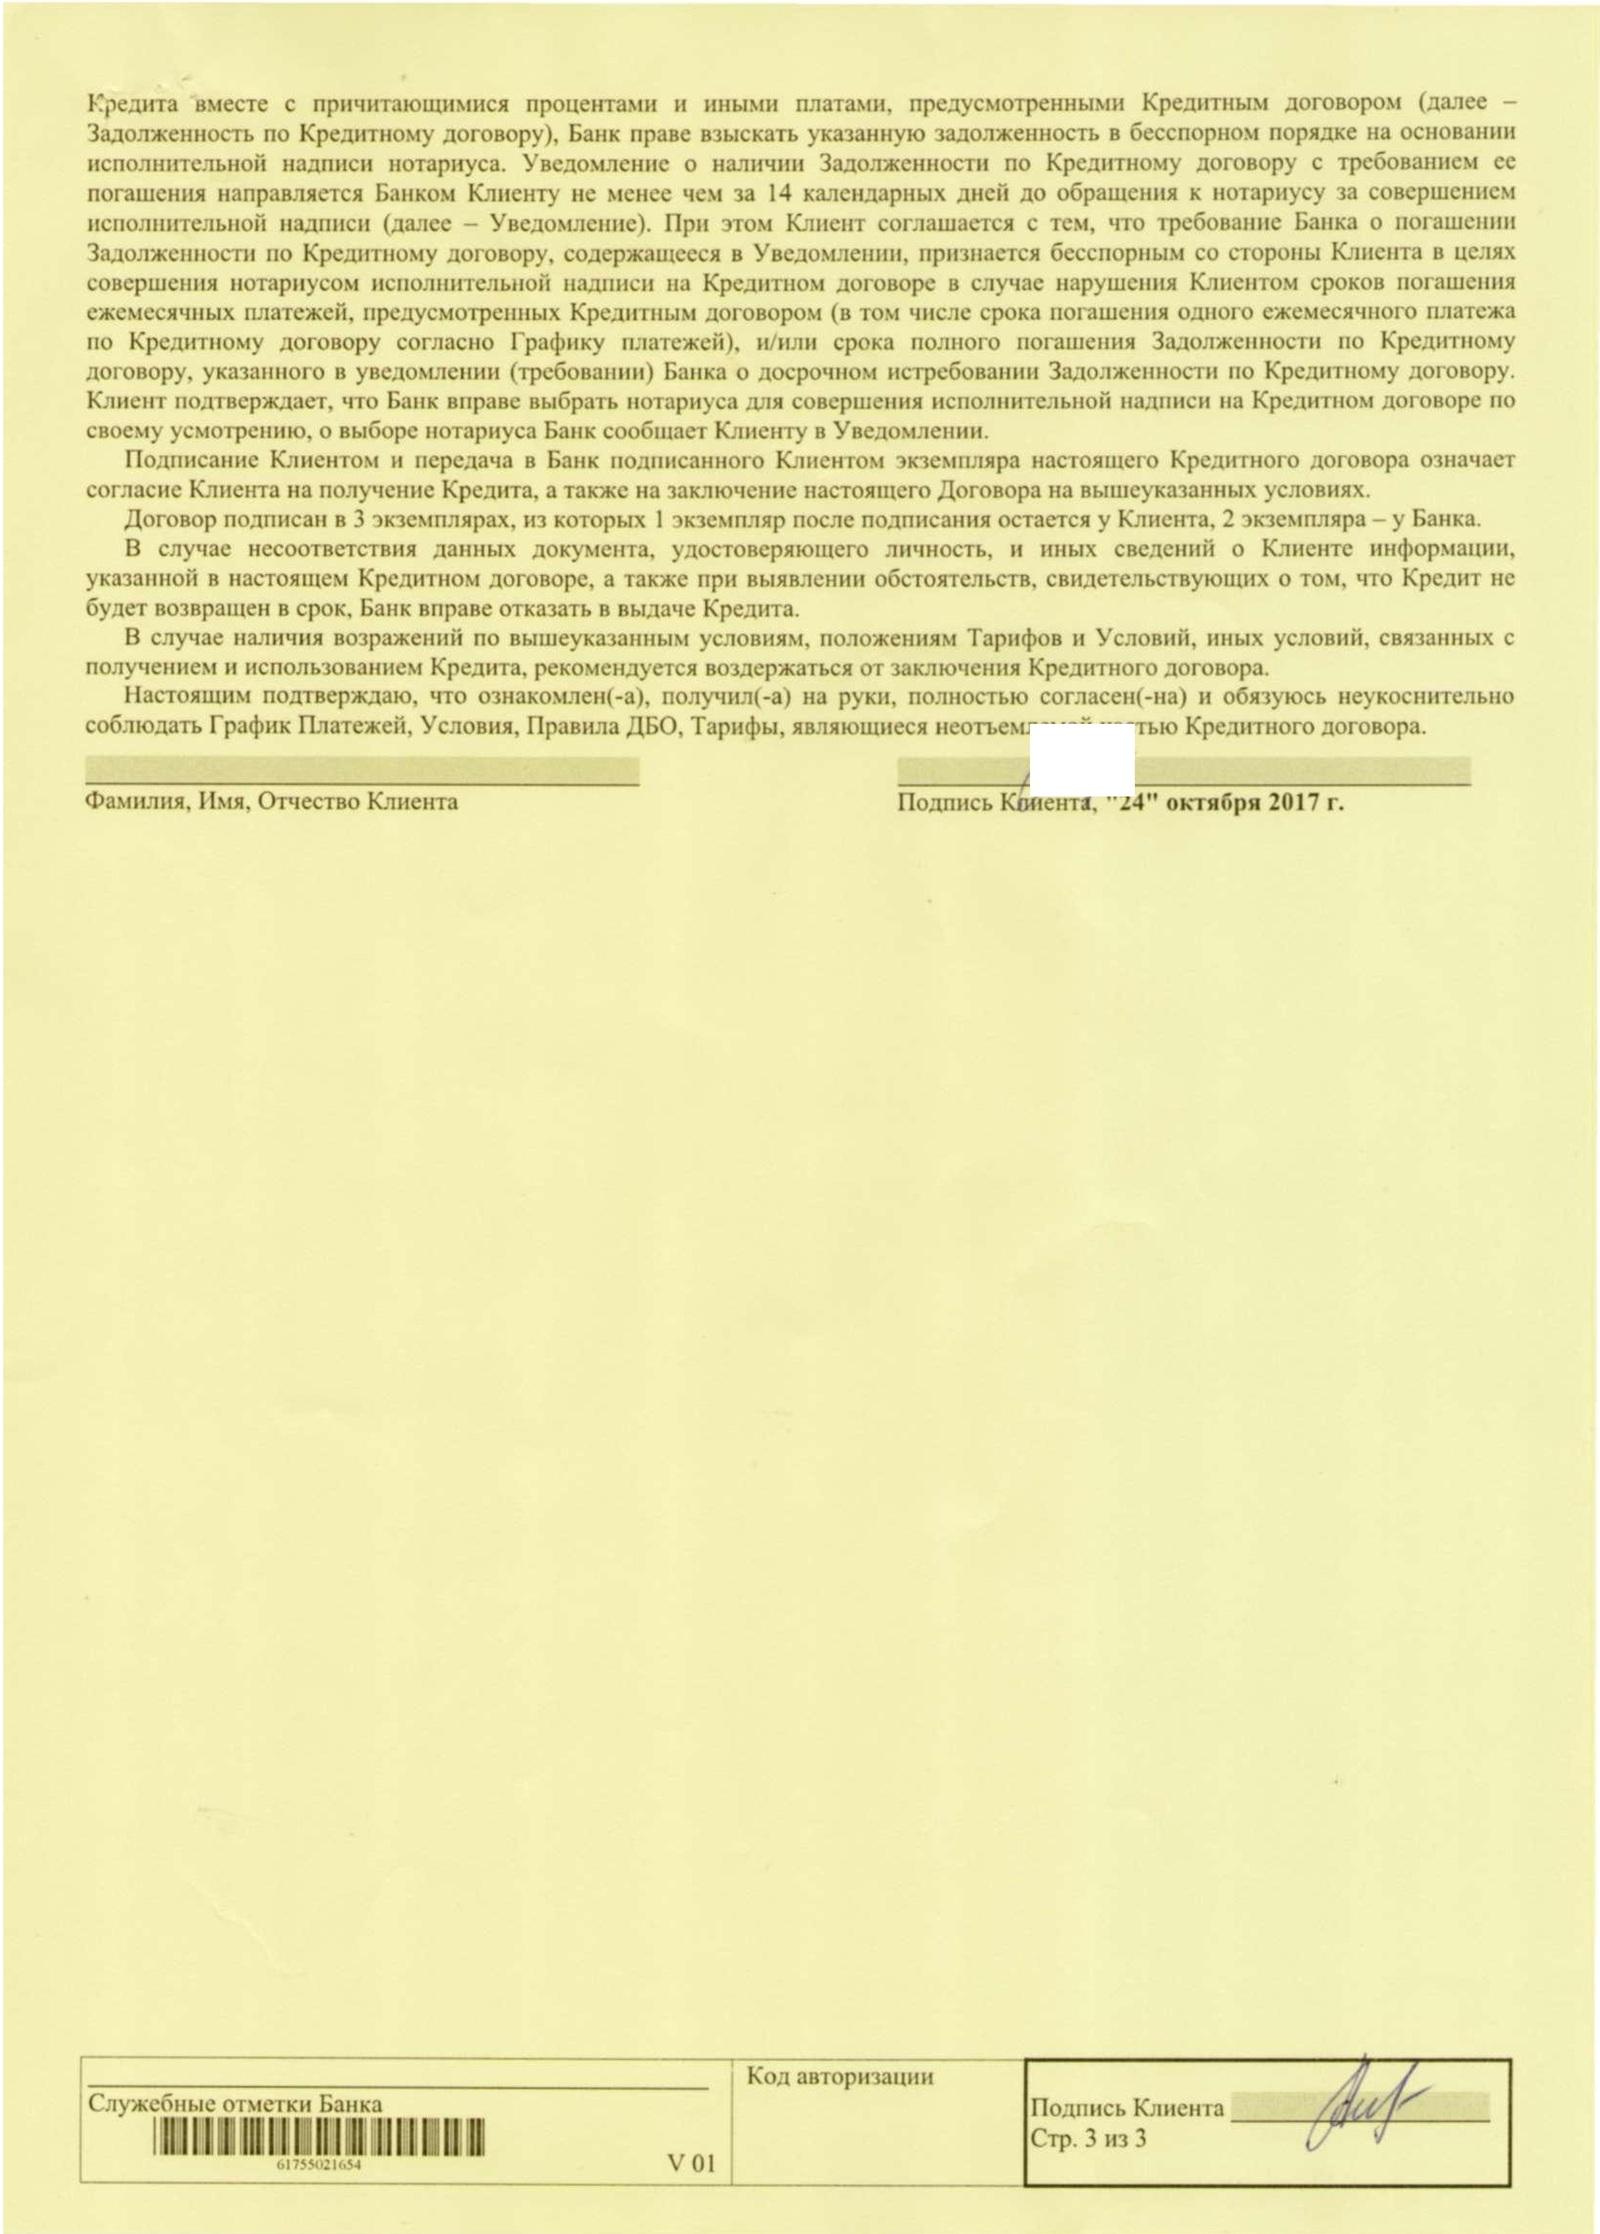 кредит через нотариуса одобрили онлайн заявку на кредит почта банк